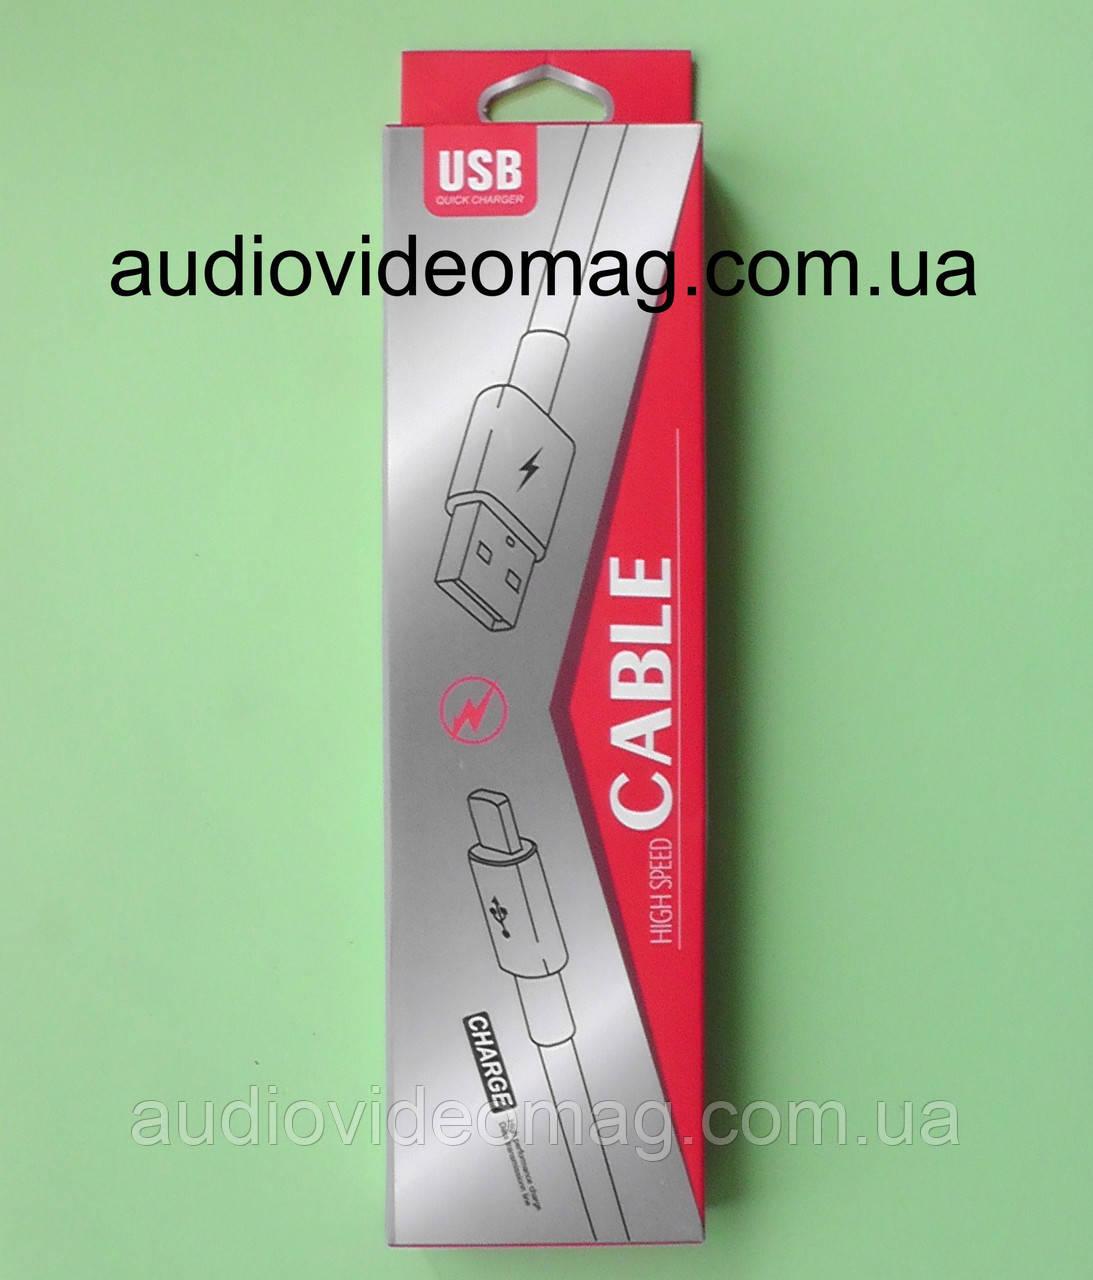 Кабель USB - штекер micro USB, довжина 1 м, колір білий